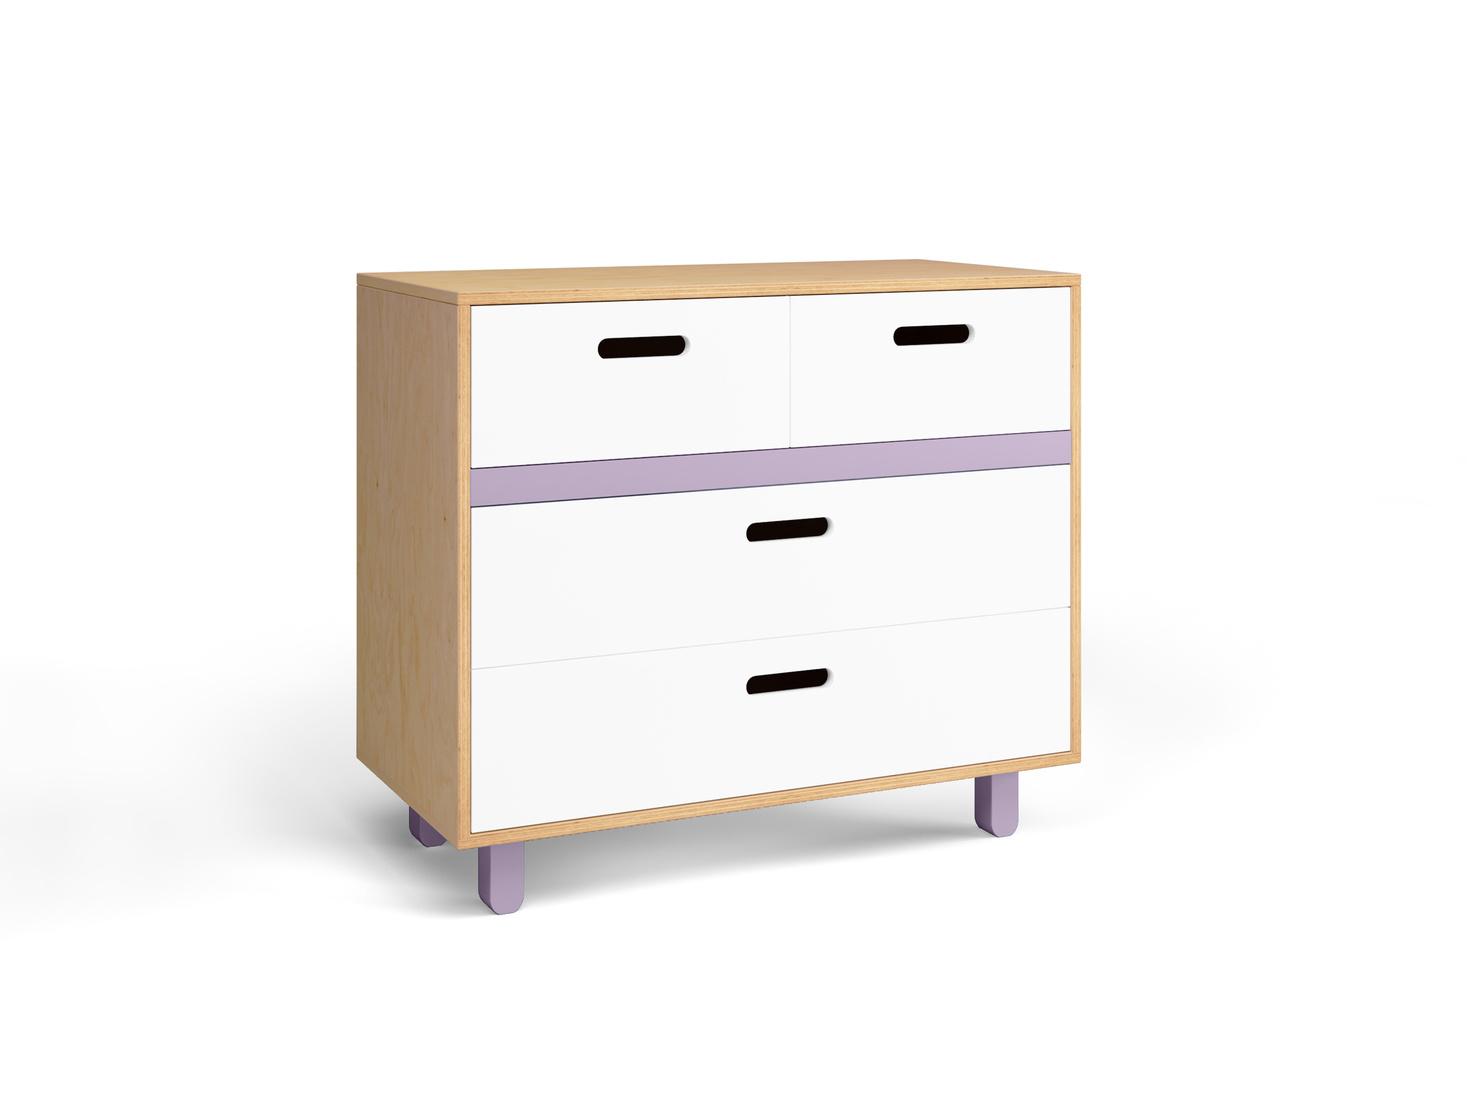 Русский дизайн: новая коллекция мебели PlayPly (галерея 7, фото 4)